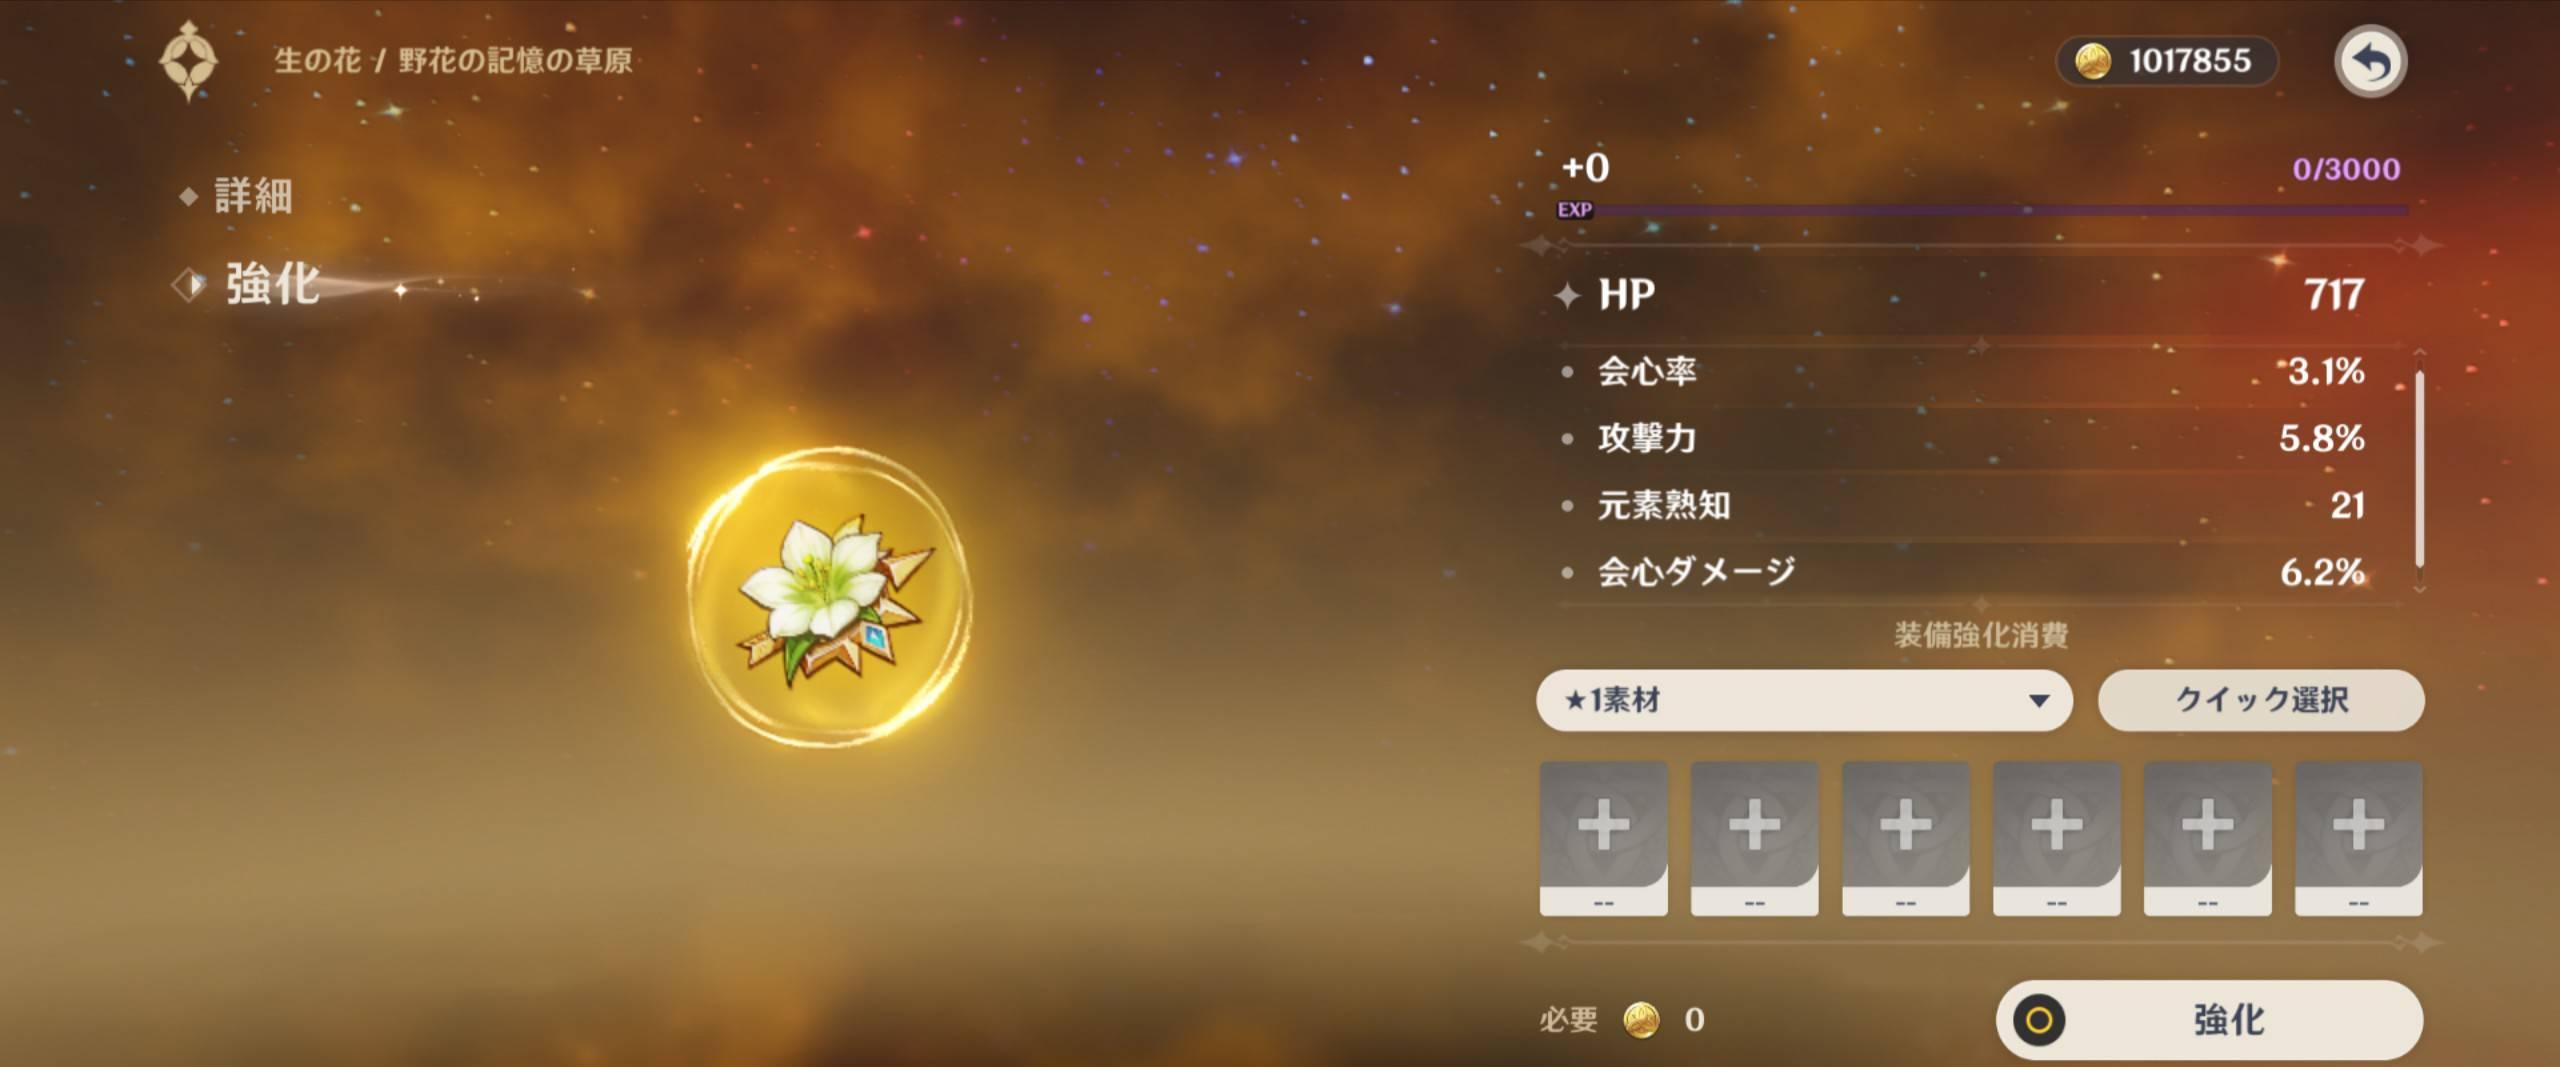 【原神】初期聖遺物で会心2種付き・・俺の勝ちだ!!!!! ← 結果wwwww